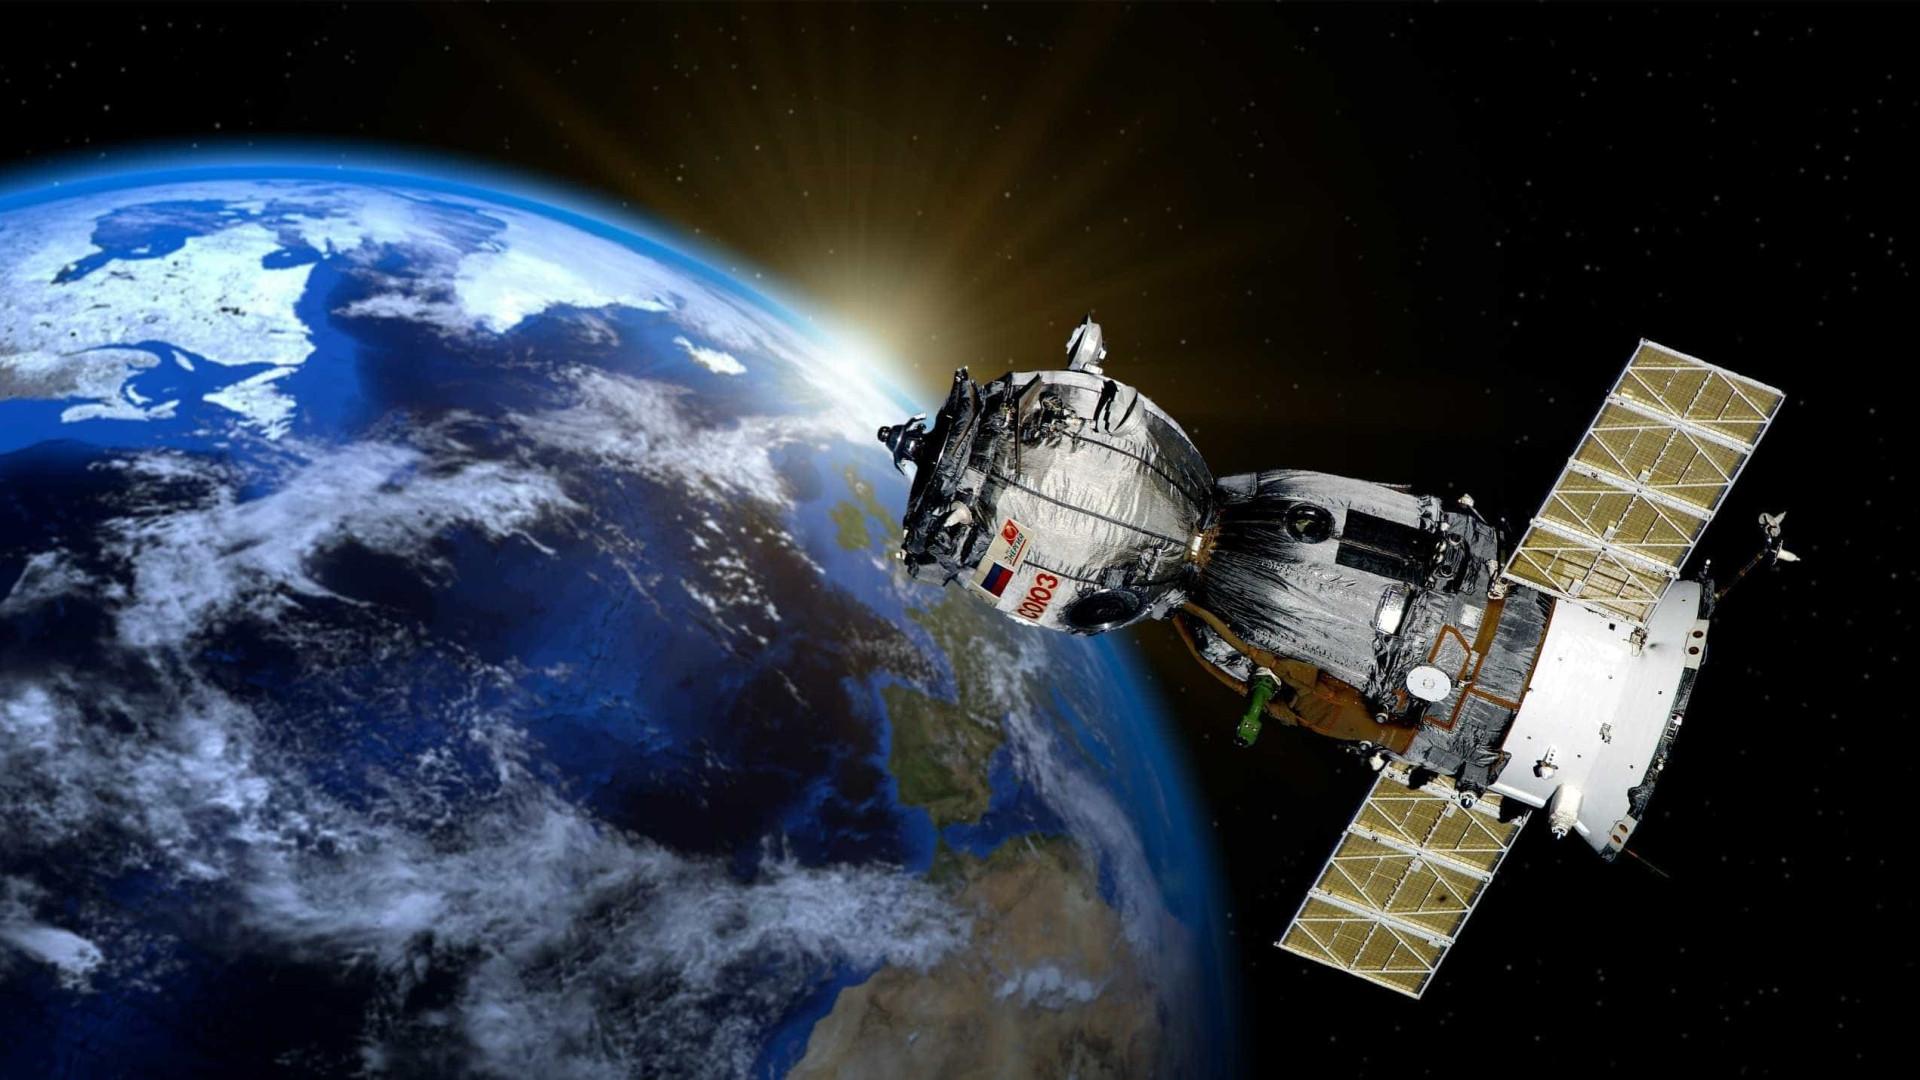 Produzido 100% no Brasil, satélite Amazonia-1 entrará em órbita dia 28